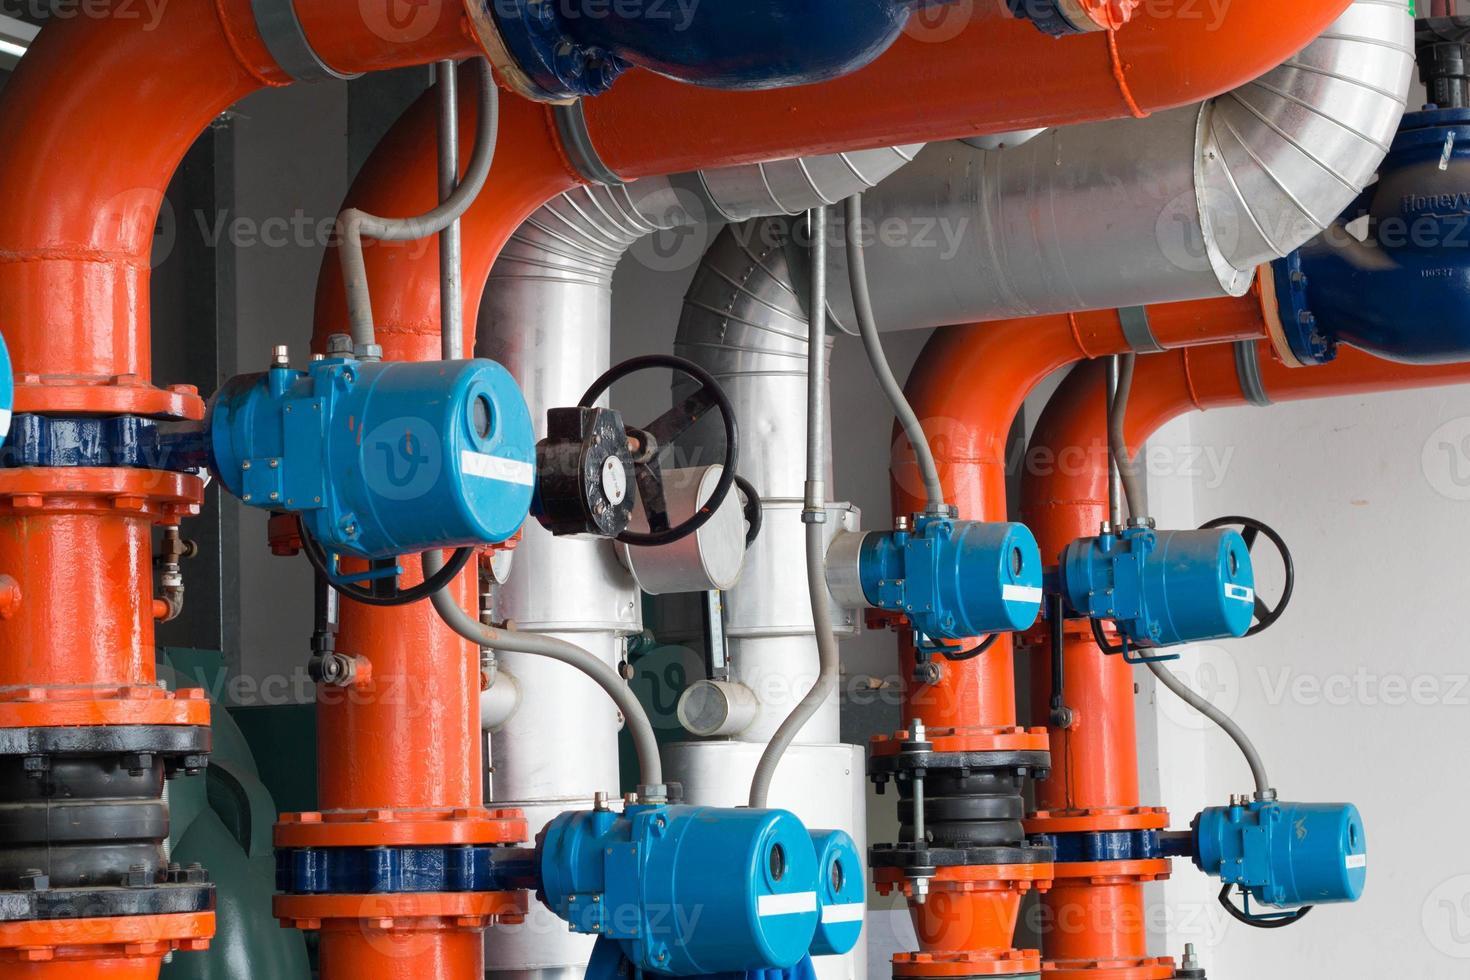 compressori di refrigerazione per tubi. foto